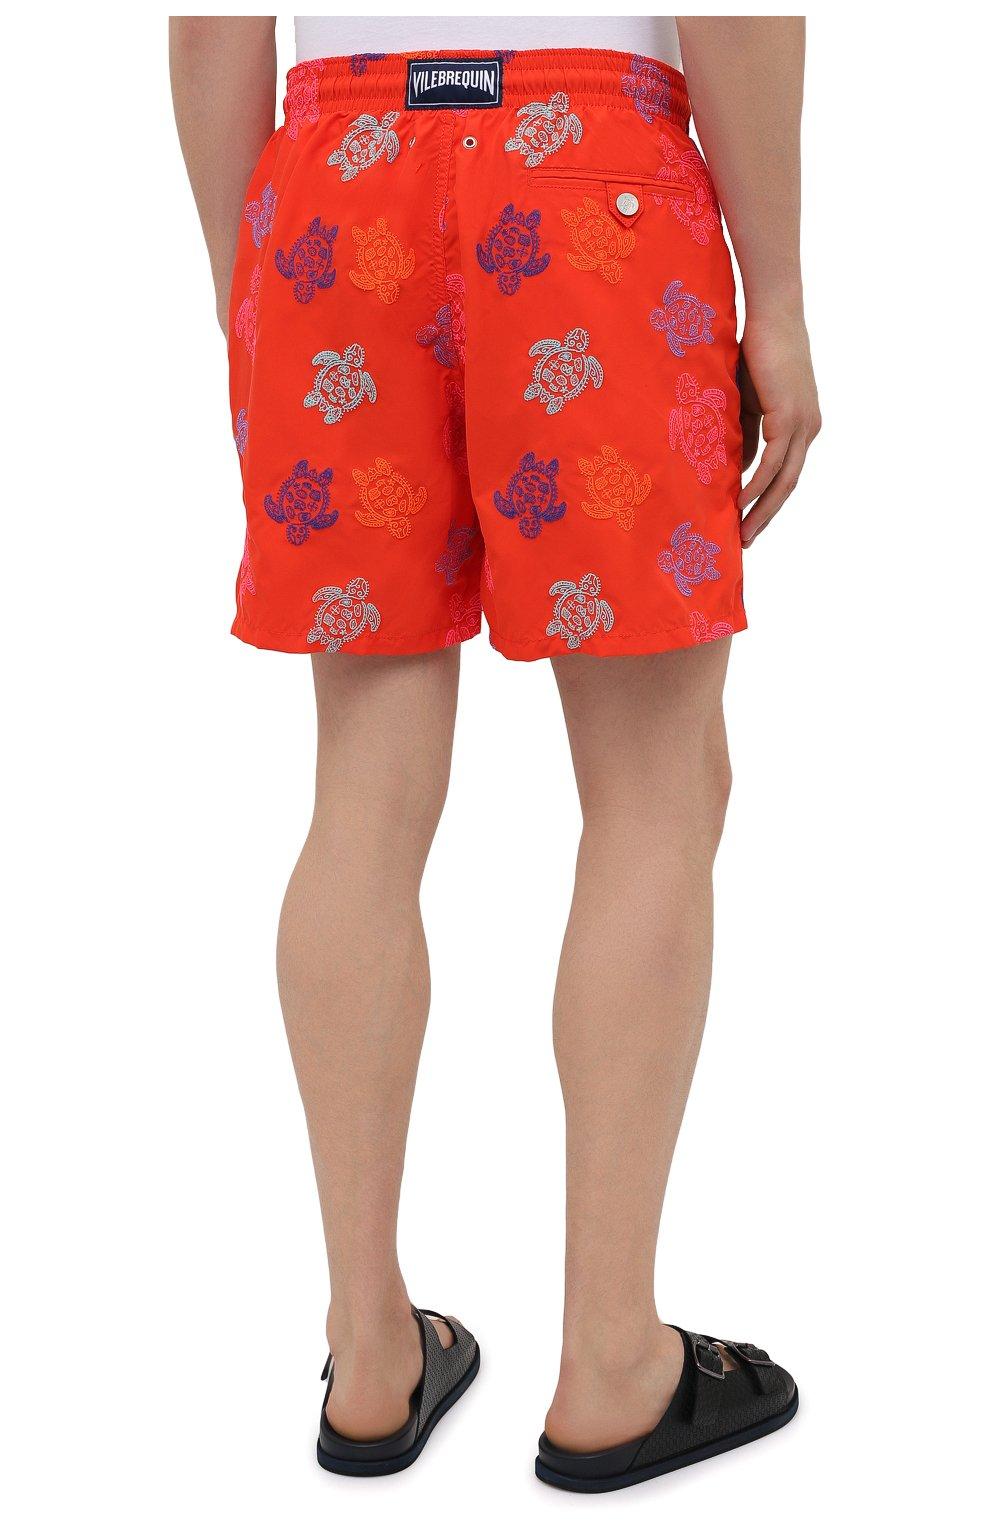 Мужские плавки-шорты VILEBREQUIN красного цвета, арт. MISH0C36/193 | Фото 4 (Материал внешний: Синтетический материал; Принт: С принтом; Мужское Кросс-КТ: плавки-шорты)